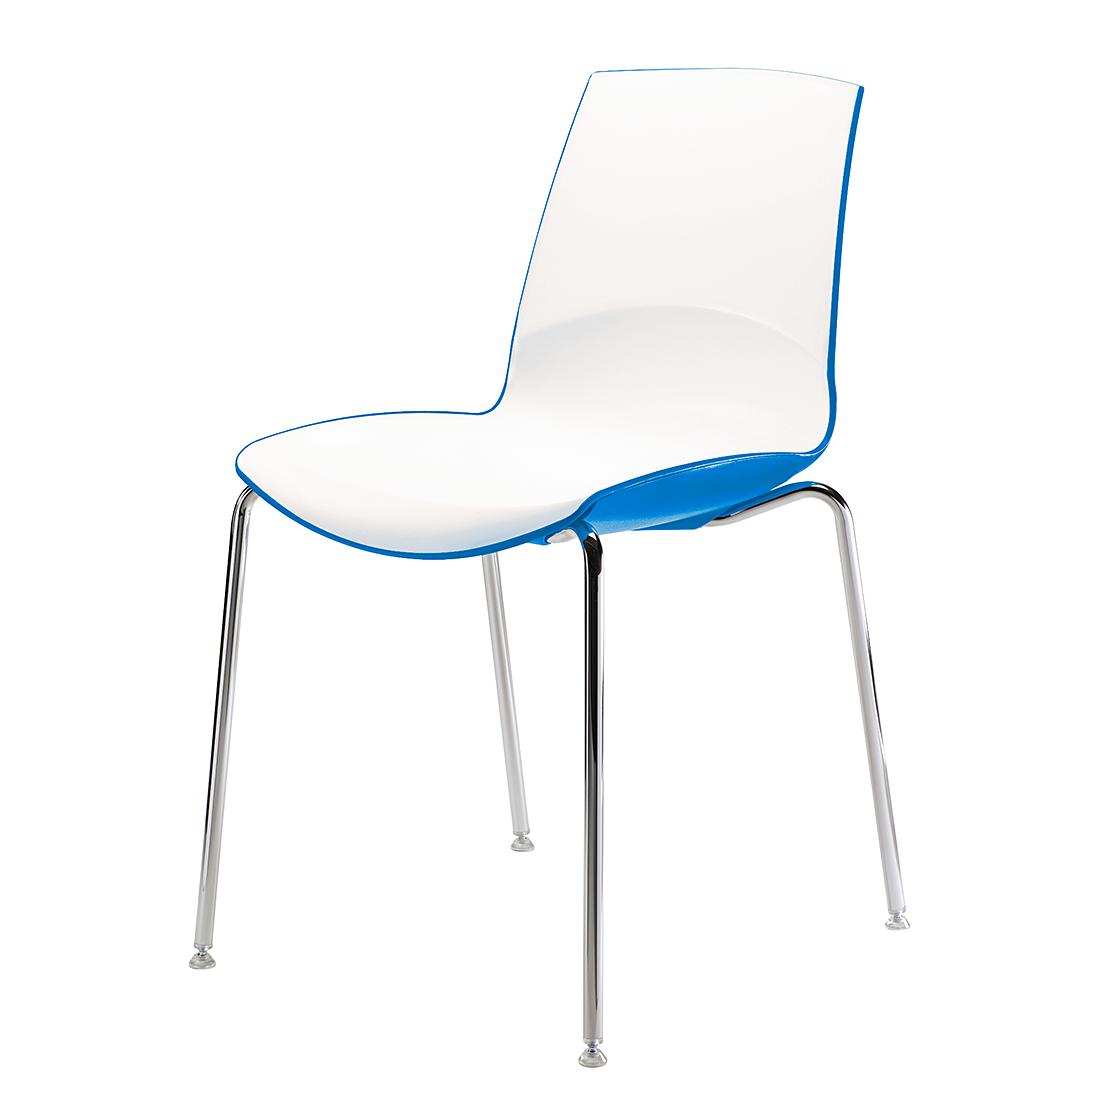 Infiniti Kuipstoel Now (2-delige set) - wit/blauw Home24